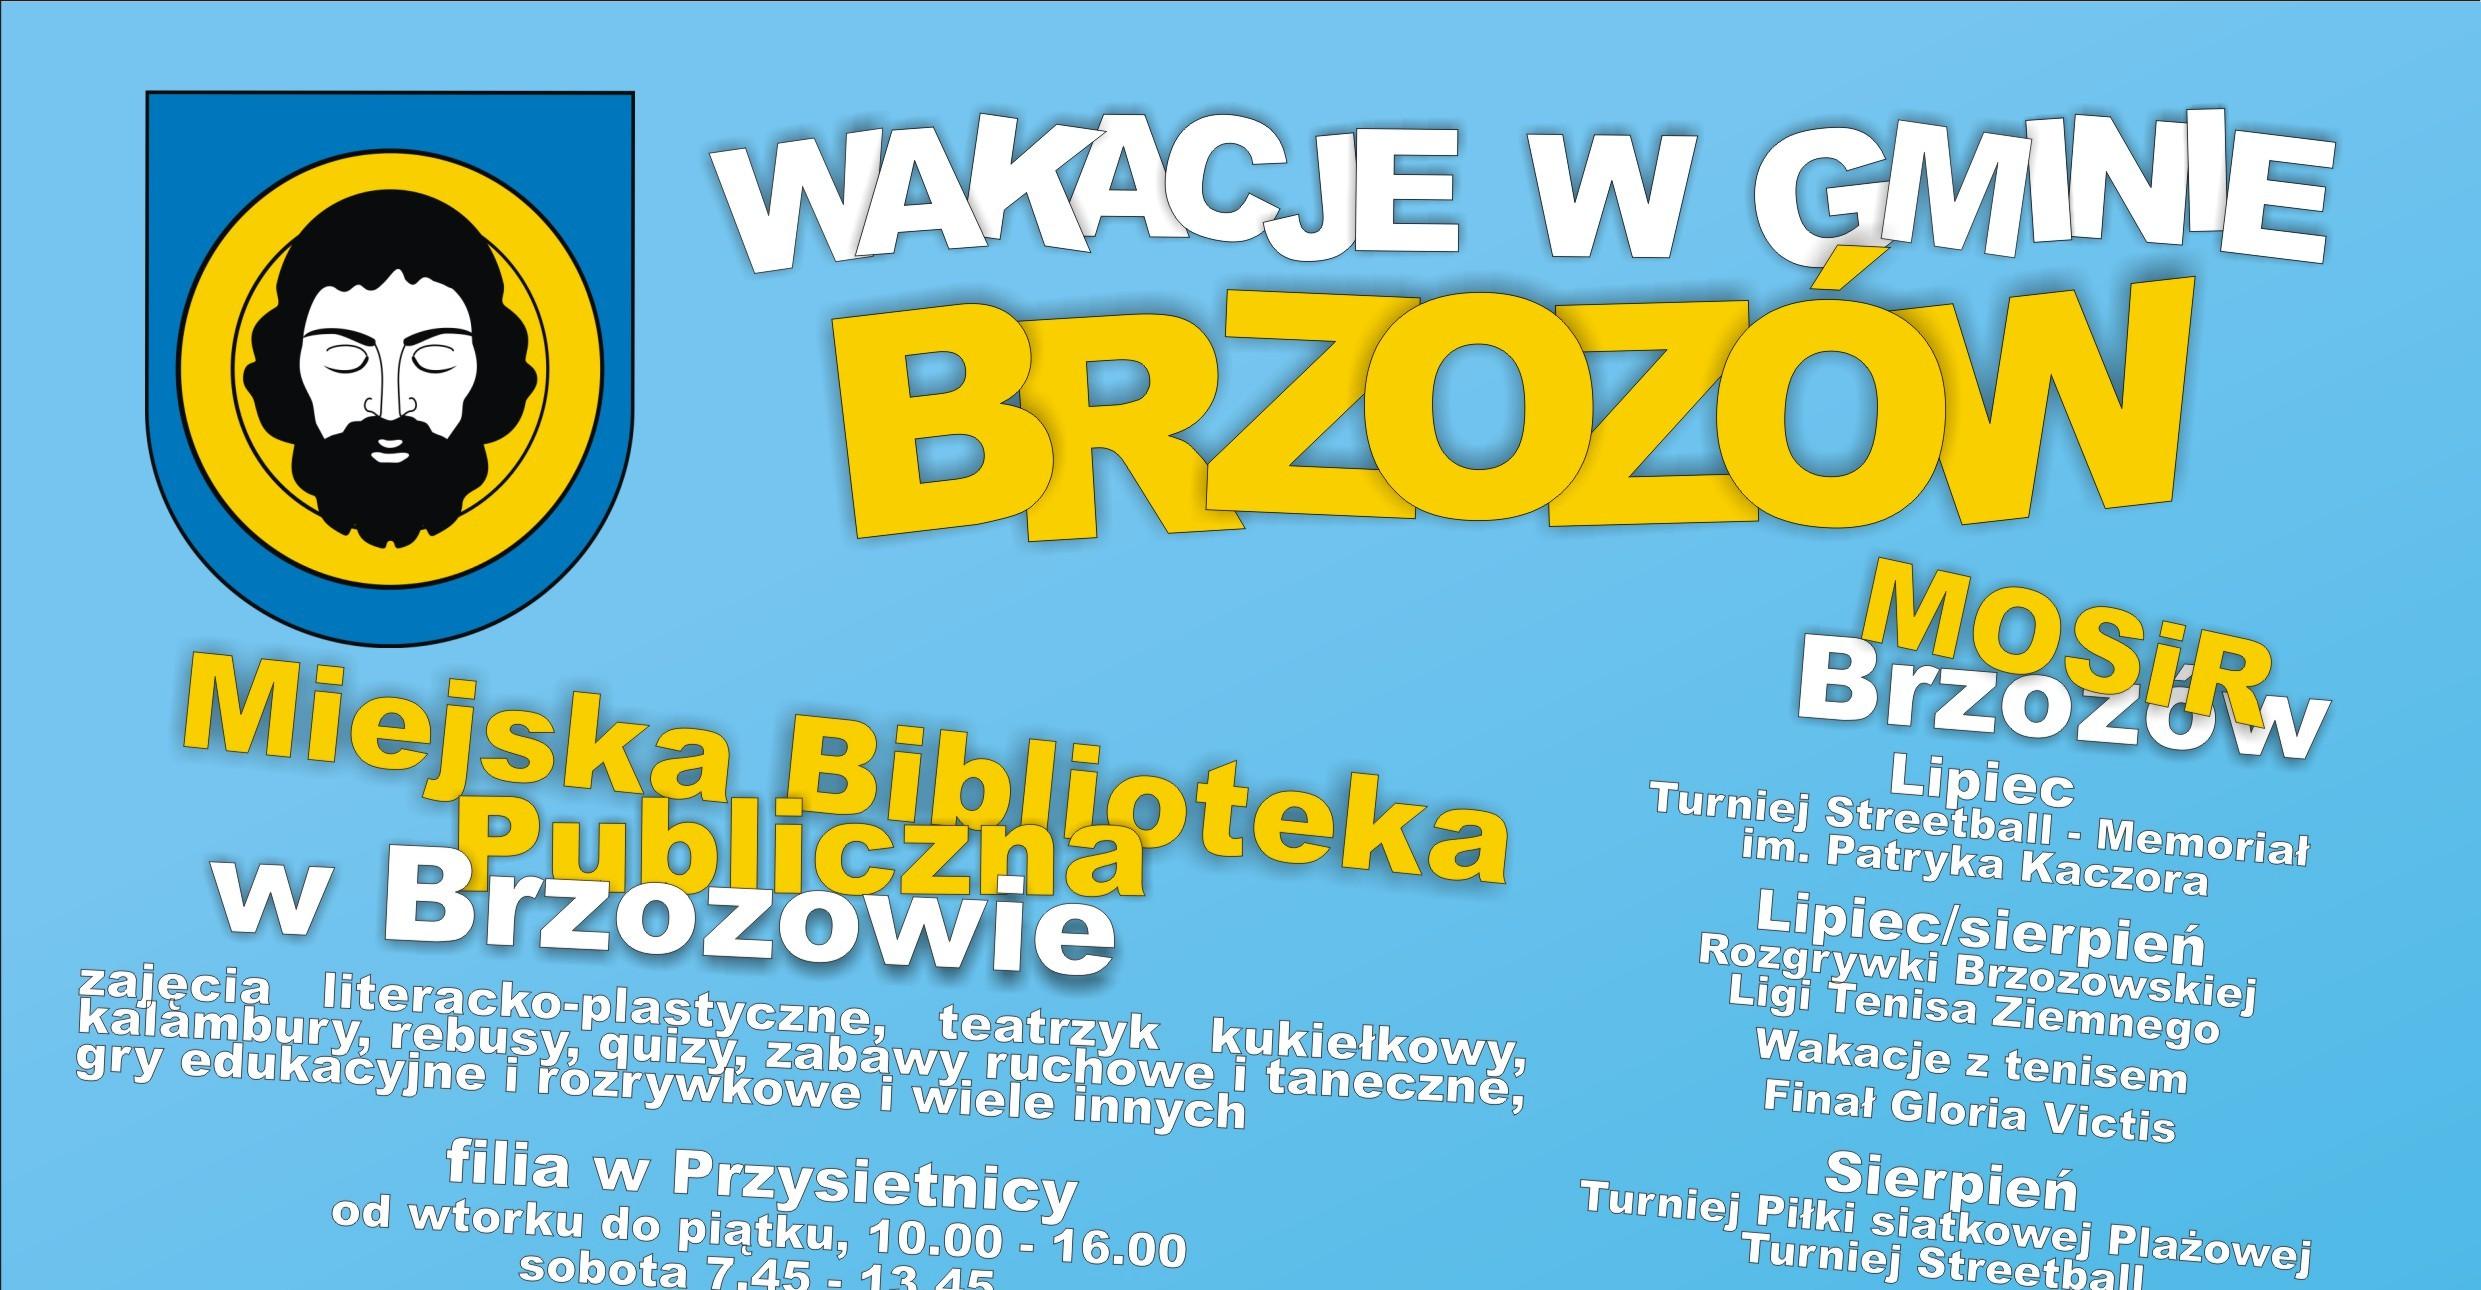 Wakacje w Gminie Brzozów